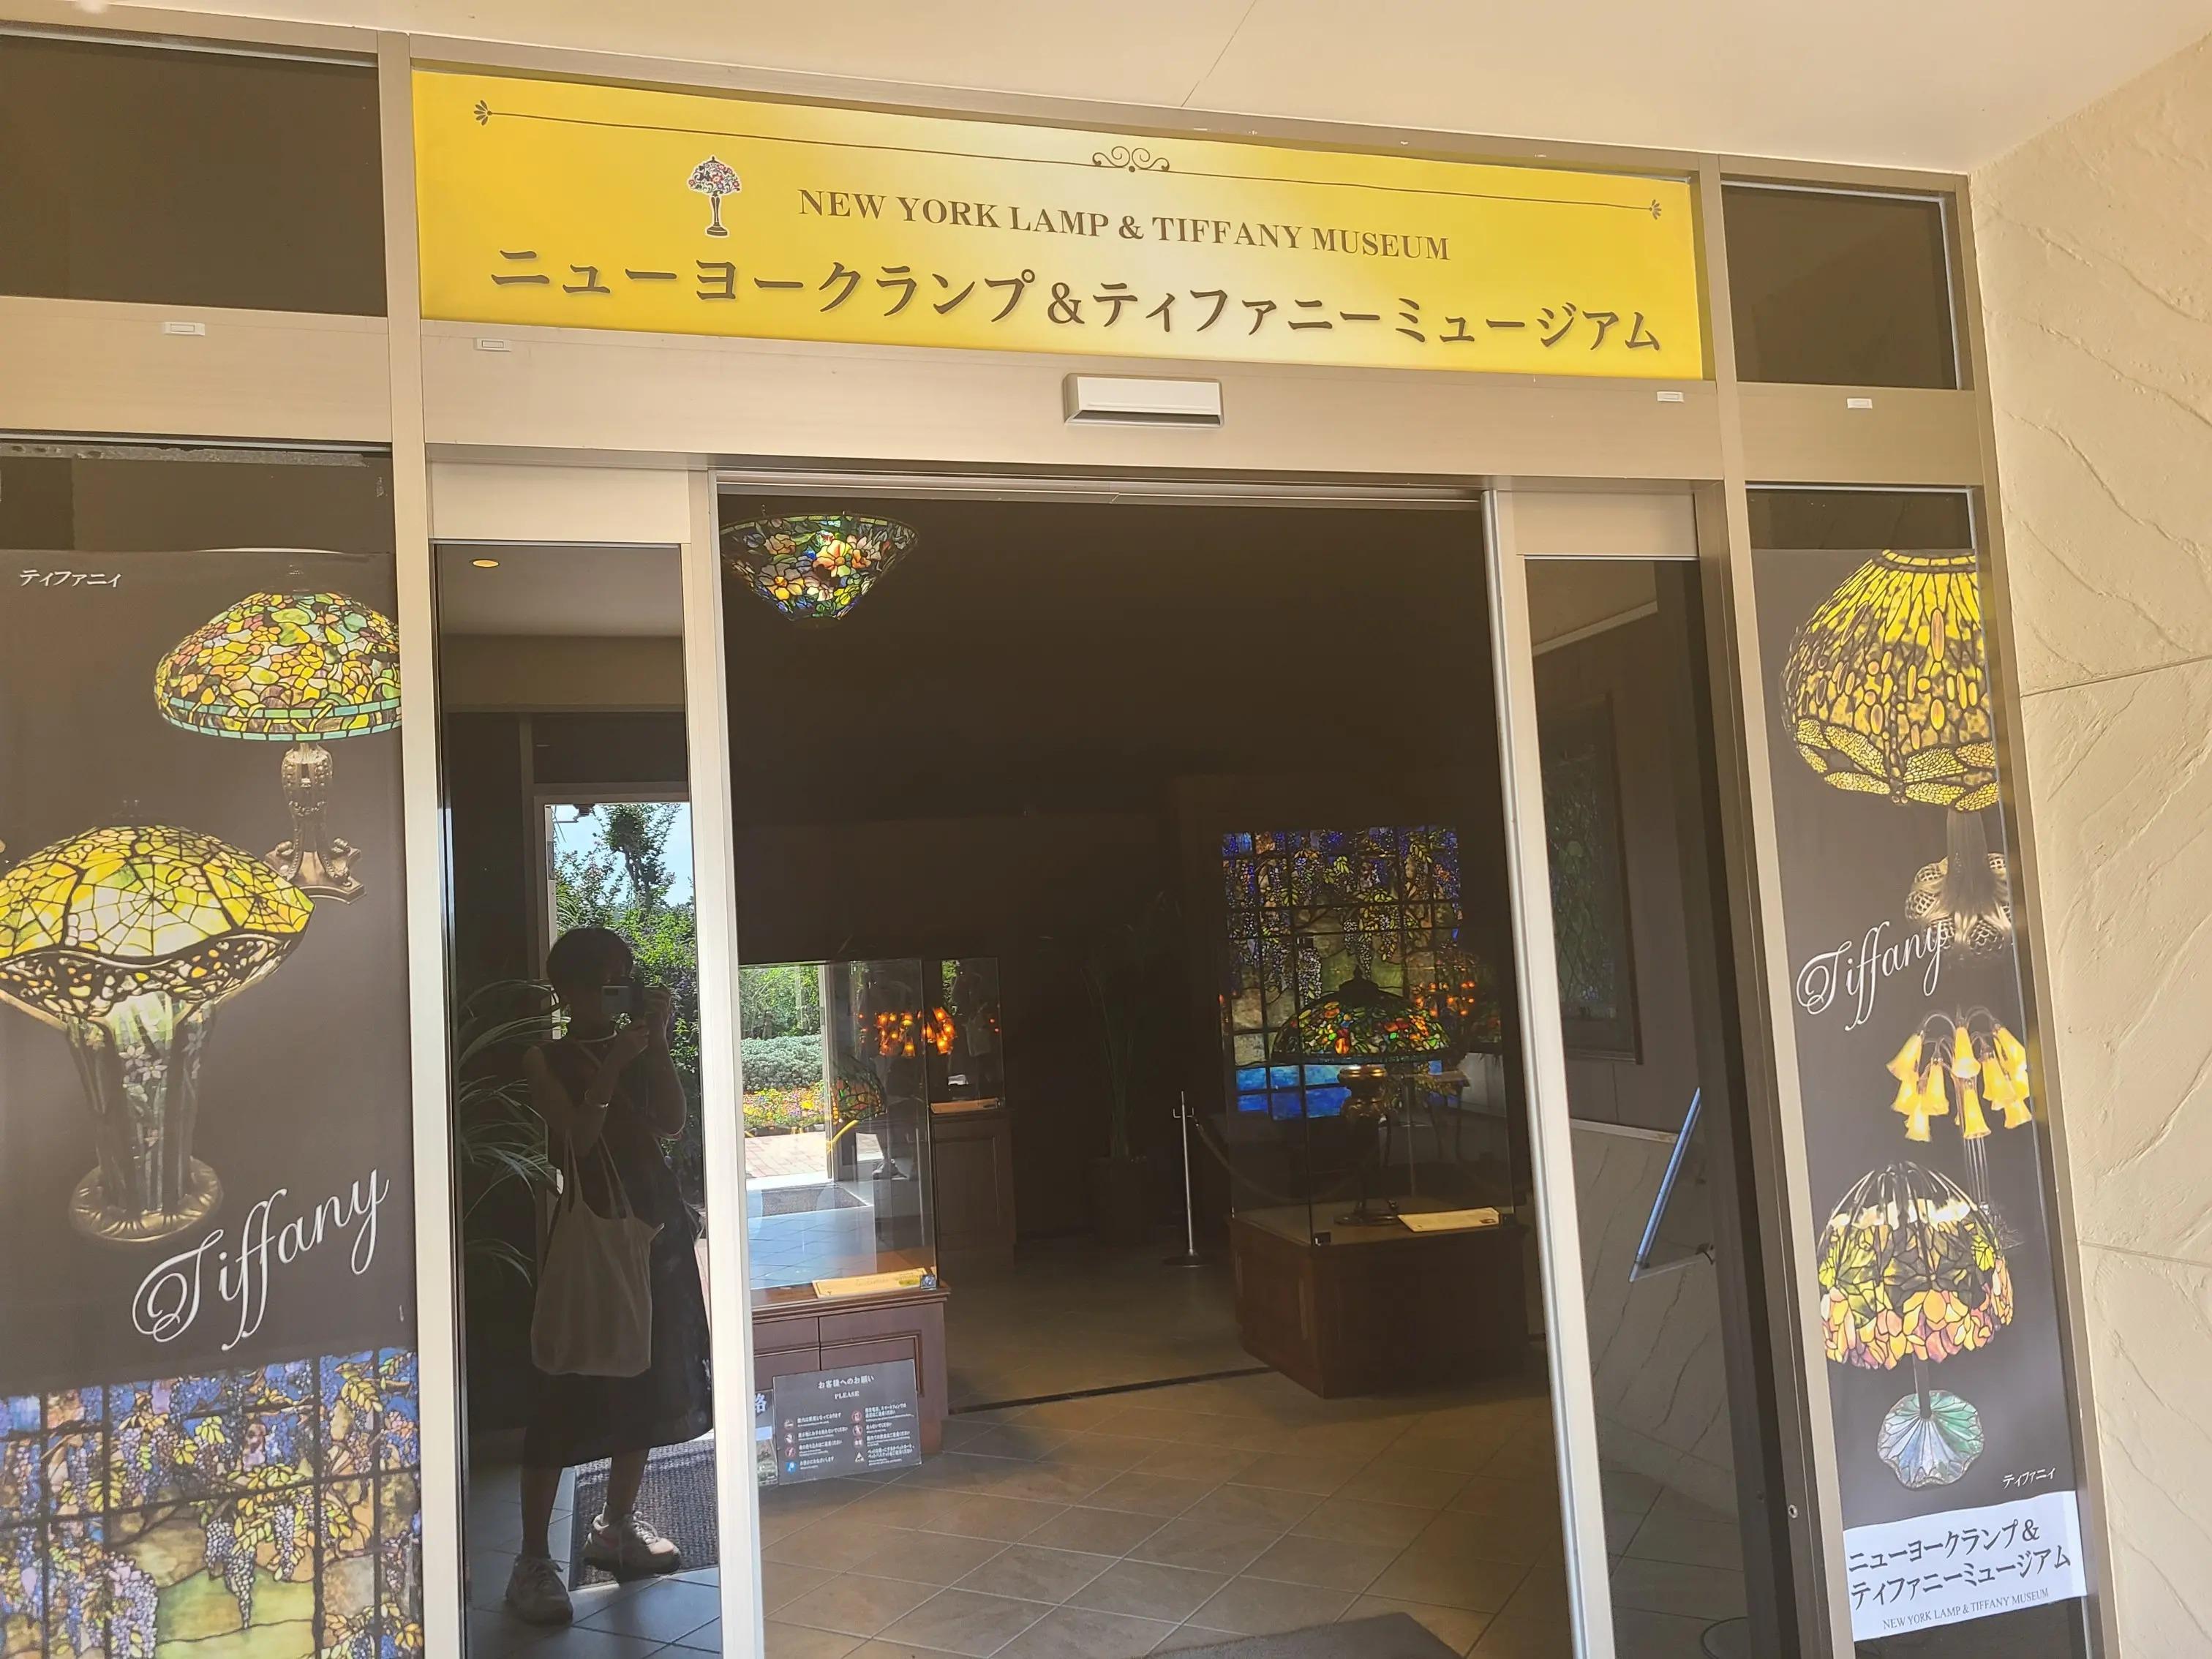 【女子旅におすすめ】静岡県・伊東の『ニューヨークランプ&ティファニーミュージアム』